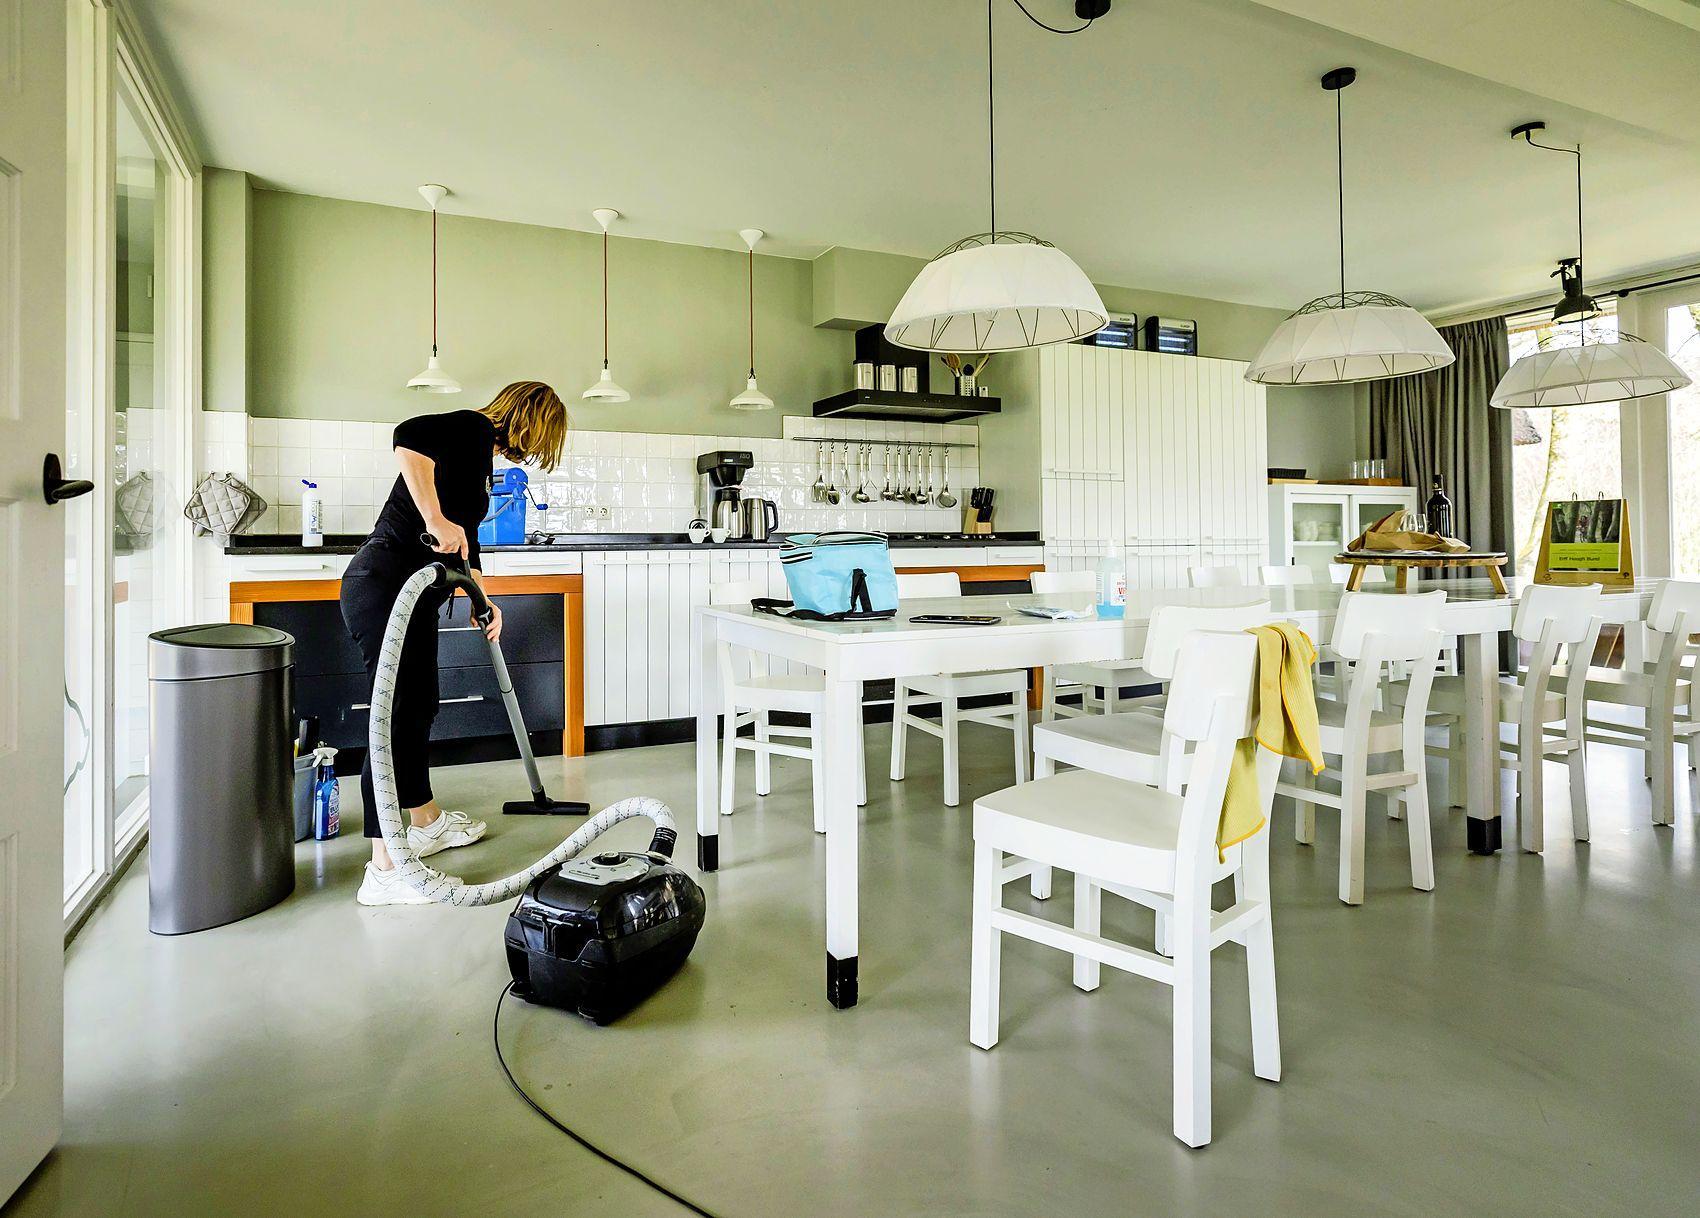 Veel mis met arbeidsomstandigheden schoonmaak in vakantieparken; Inspectie SZW onderzocht vijf vakantieparken, onder meer in Monnickendam